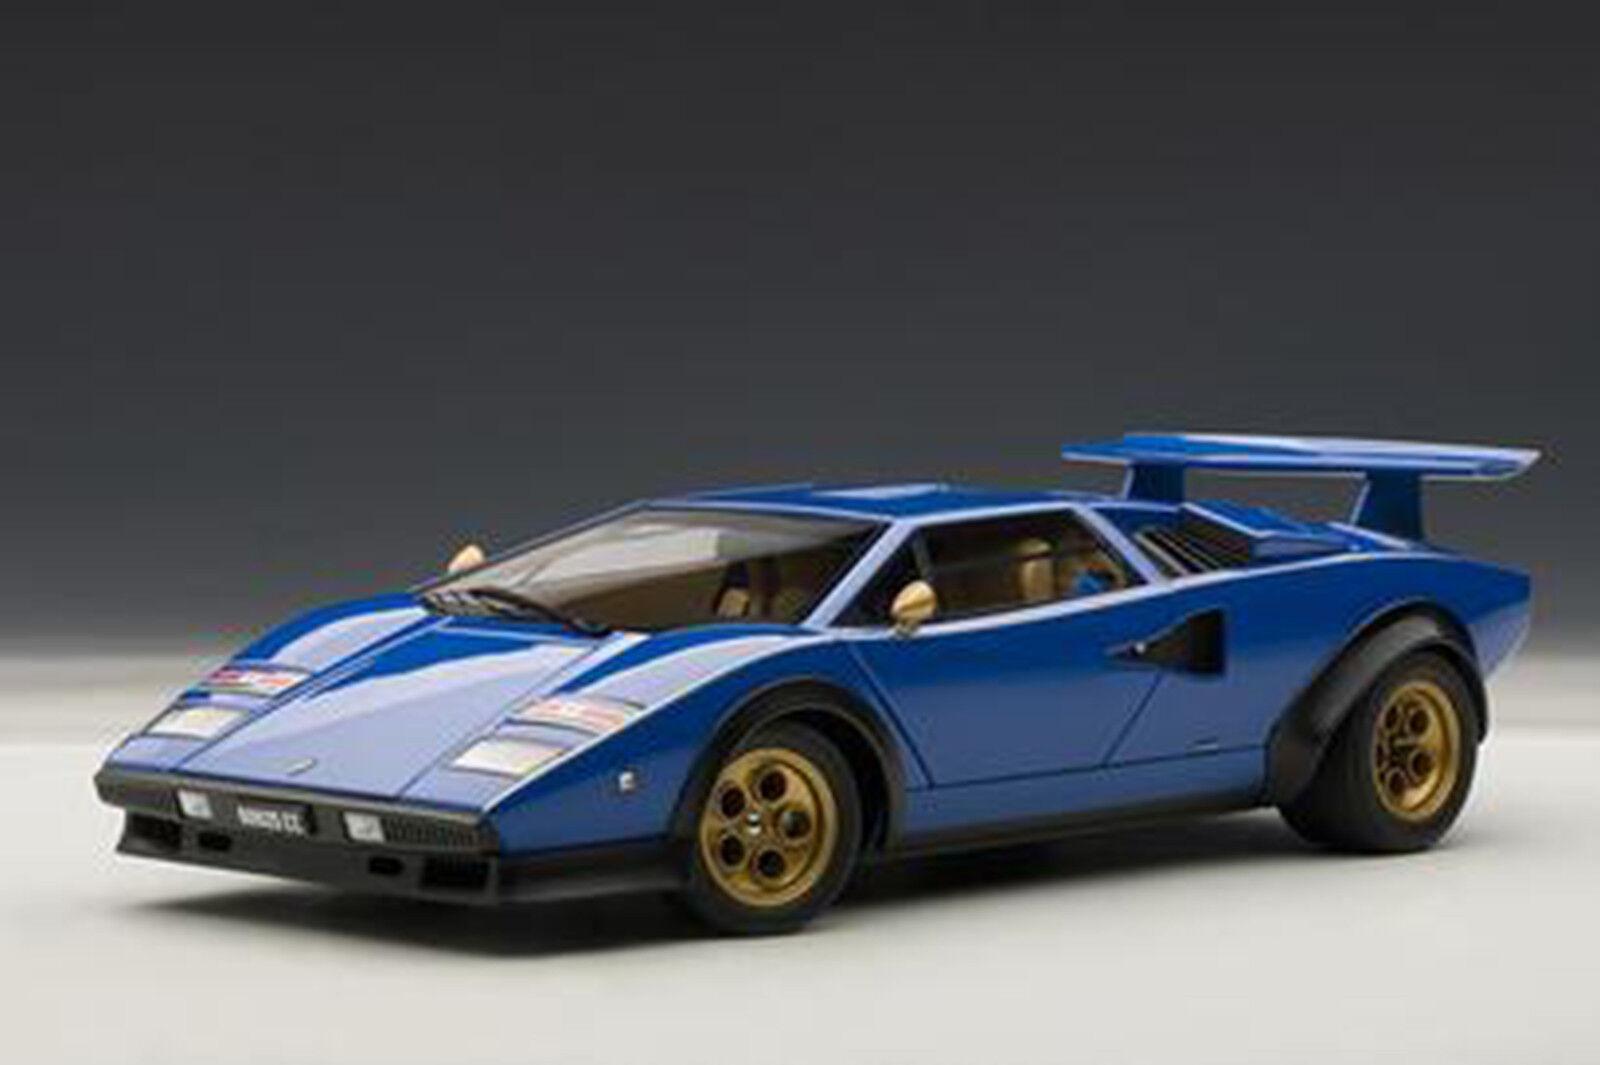 AUTOart Lamborghini Countach Walter Wolf Edition bleu 1 18  BELLE  NOUVELLE VERSION